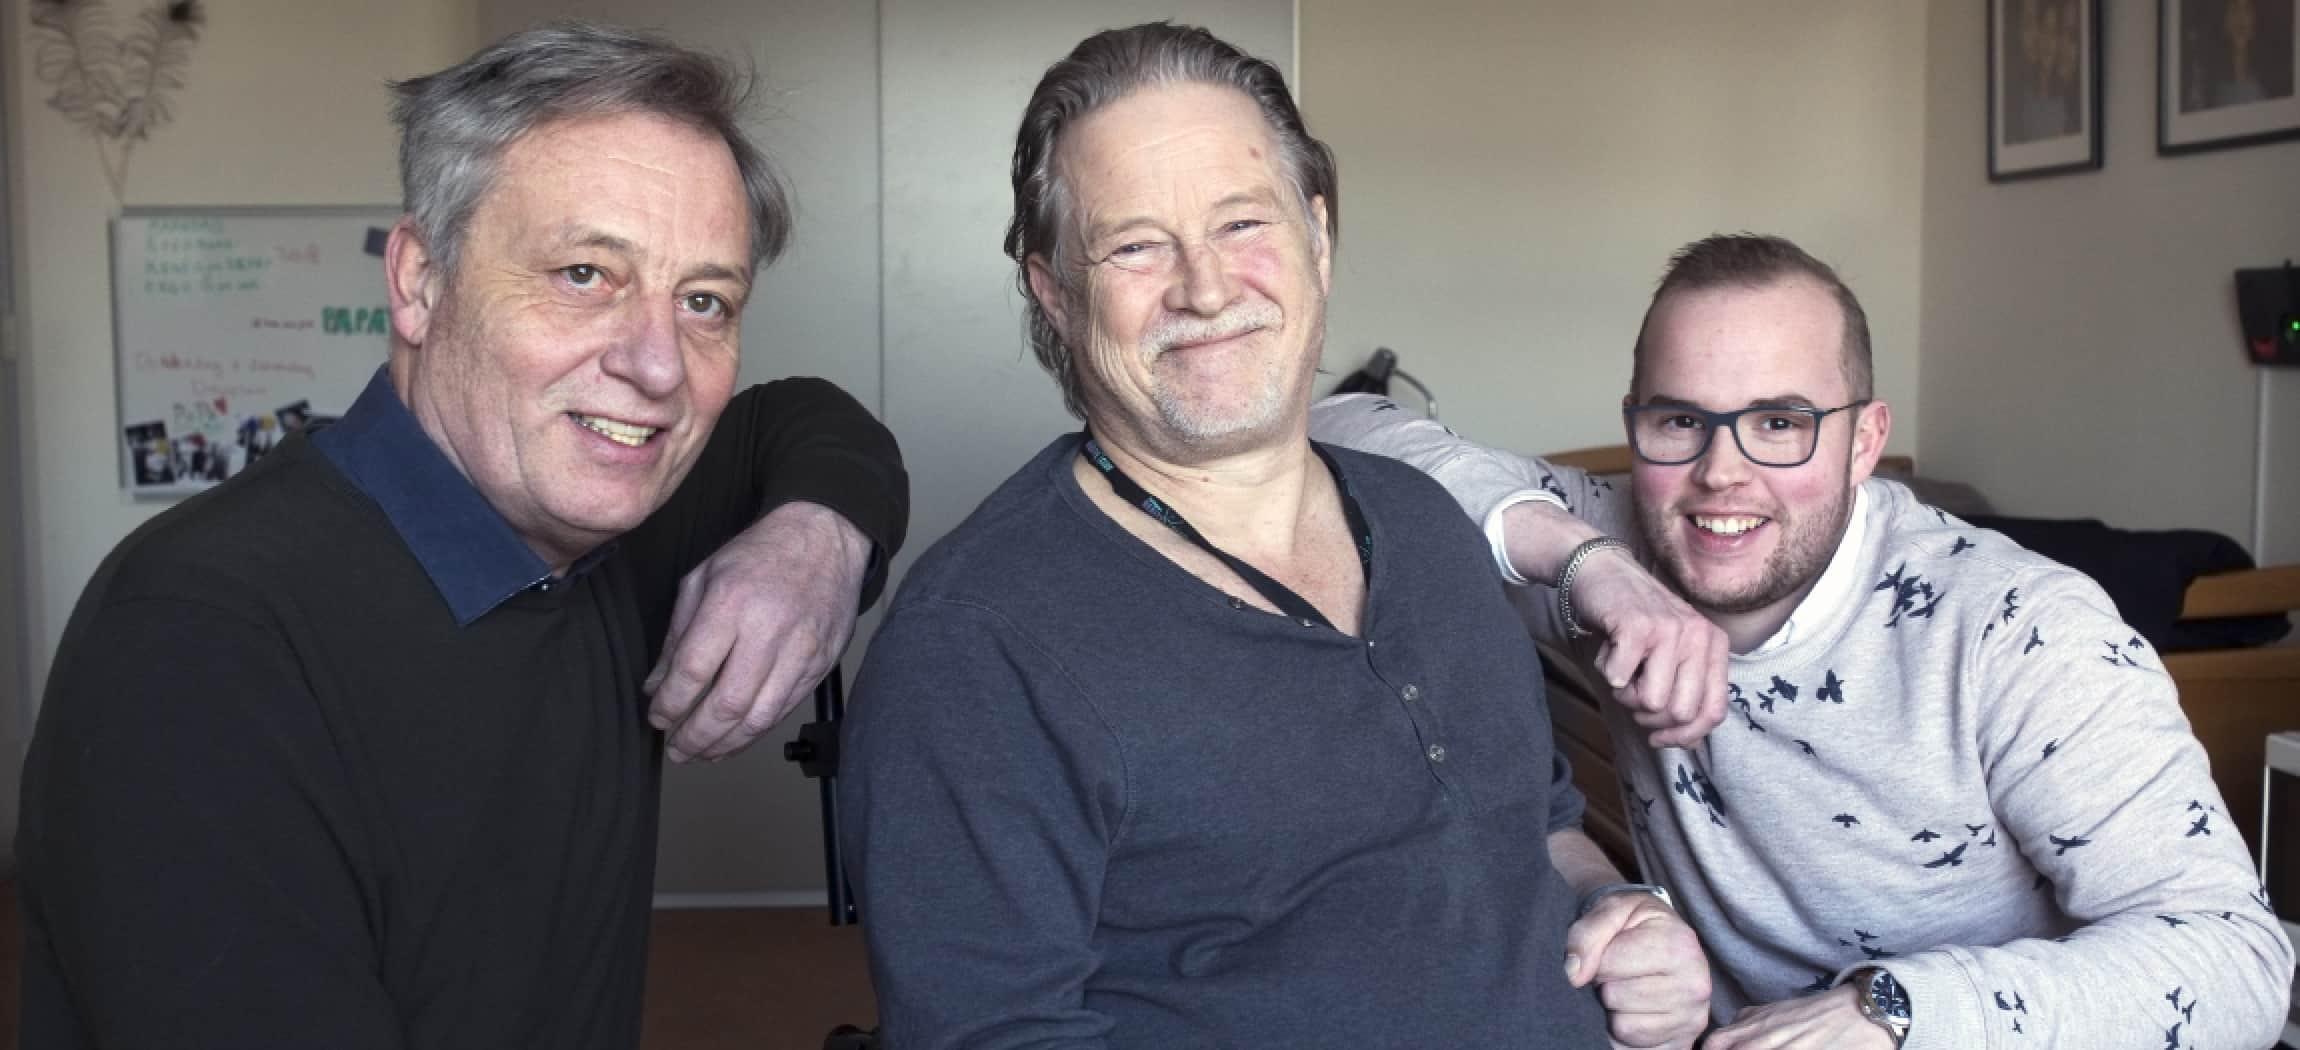 GZ-psycholoog René ter Horst, cliënt Lucas van Doorn en woonbegeleider Nils Terpstra